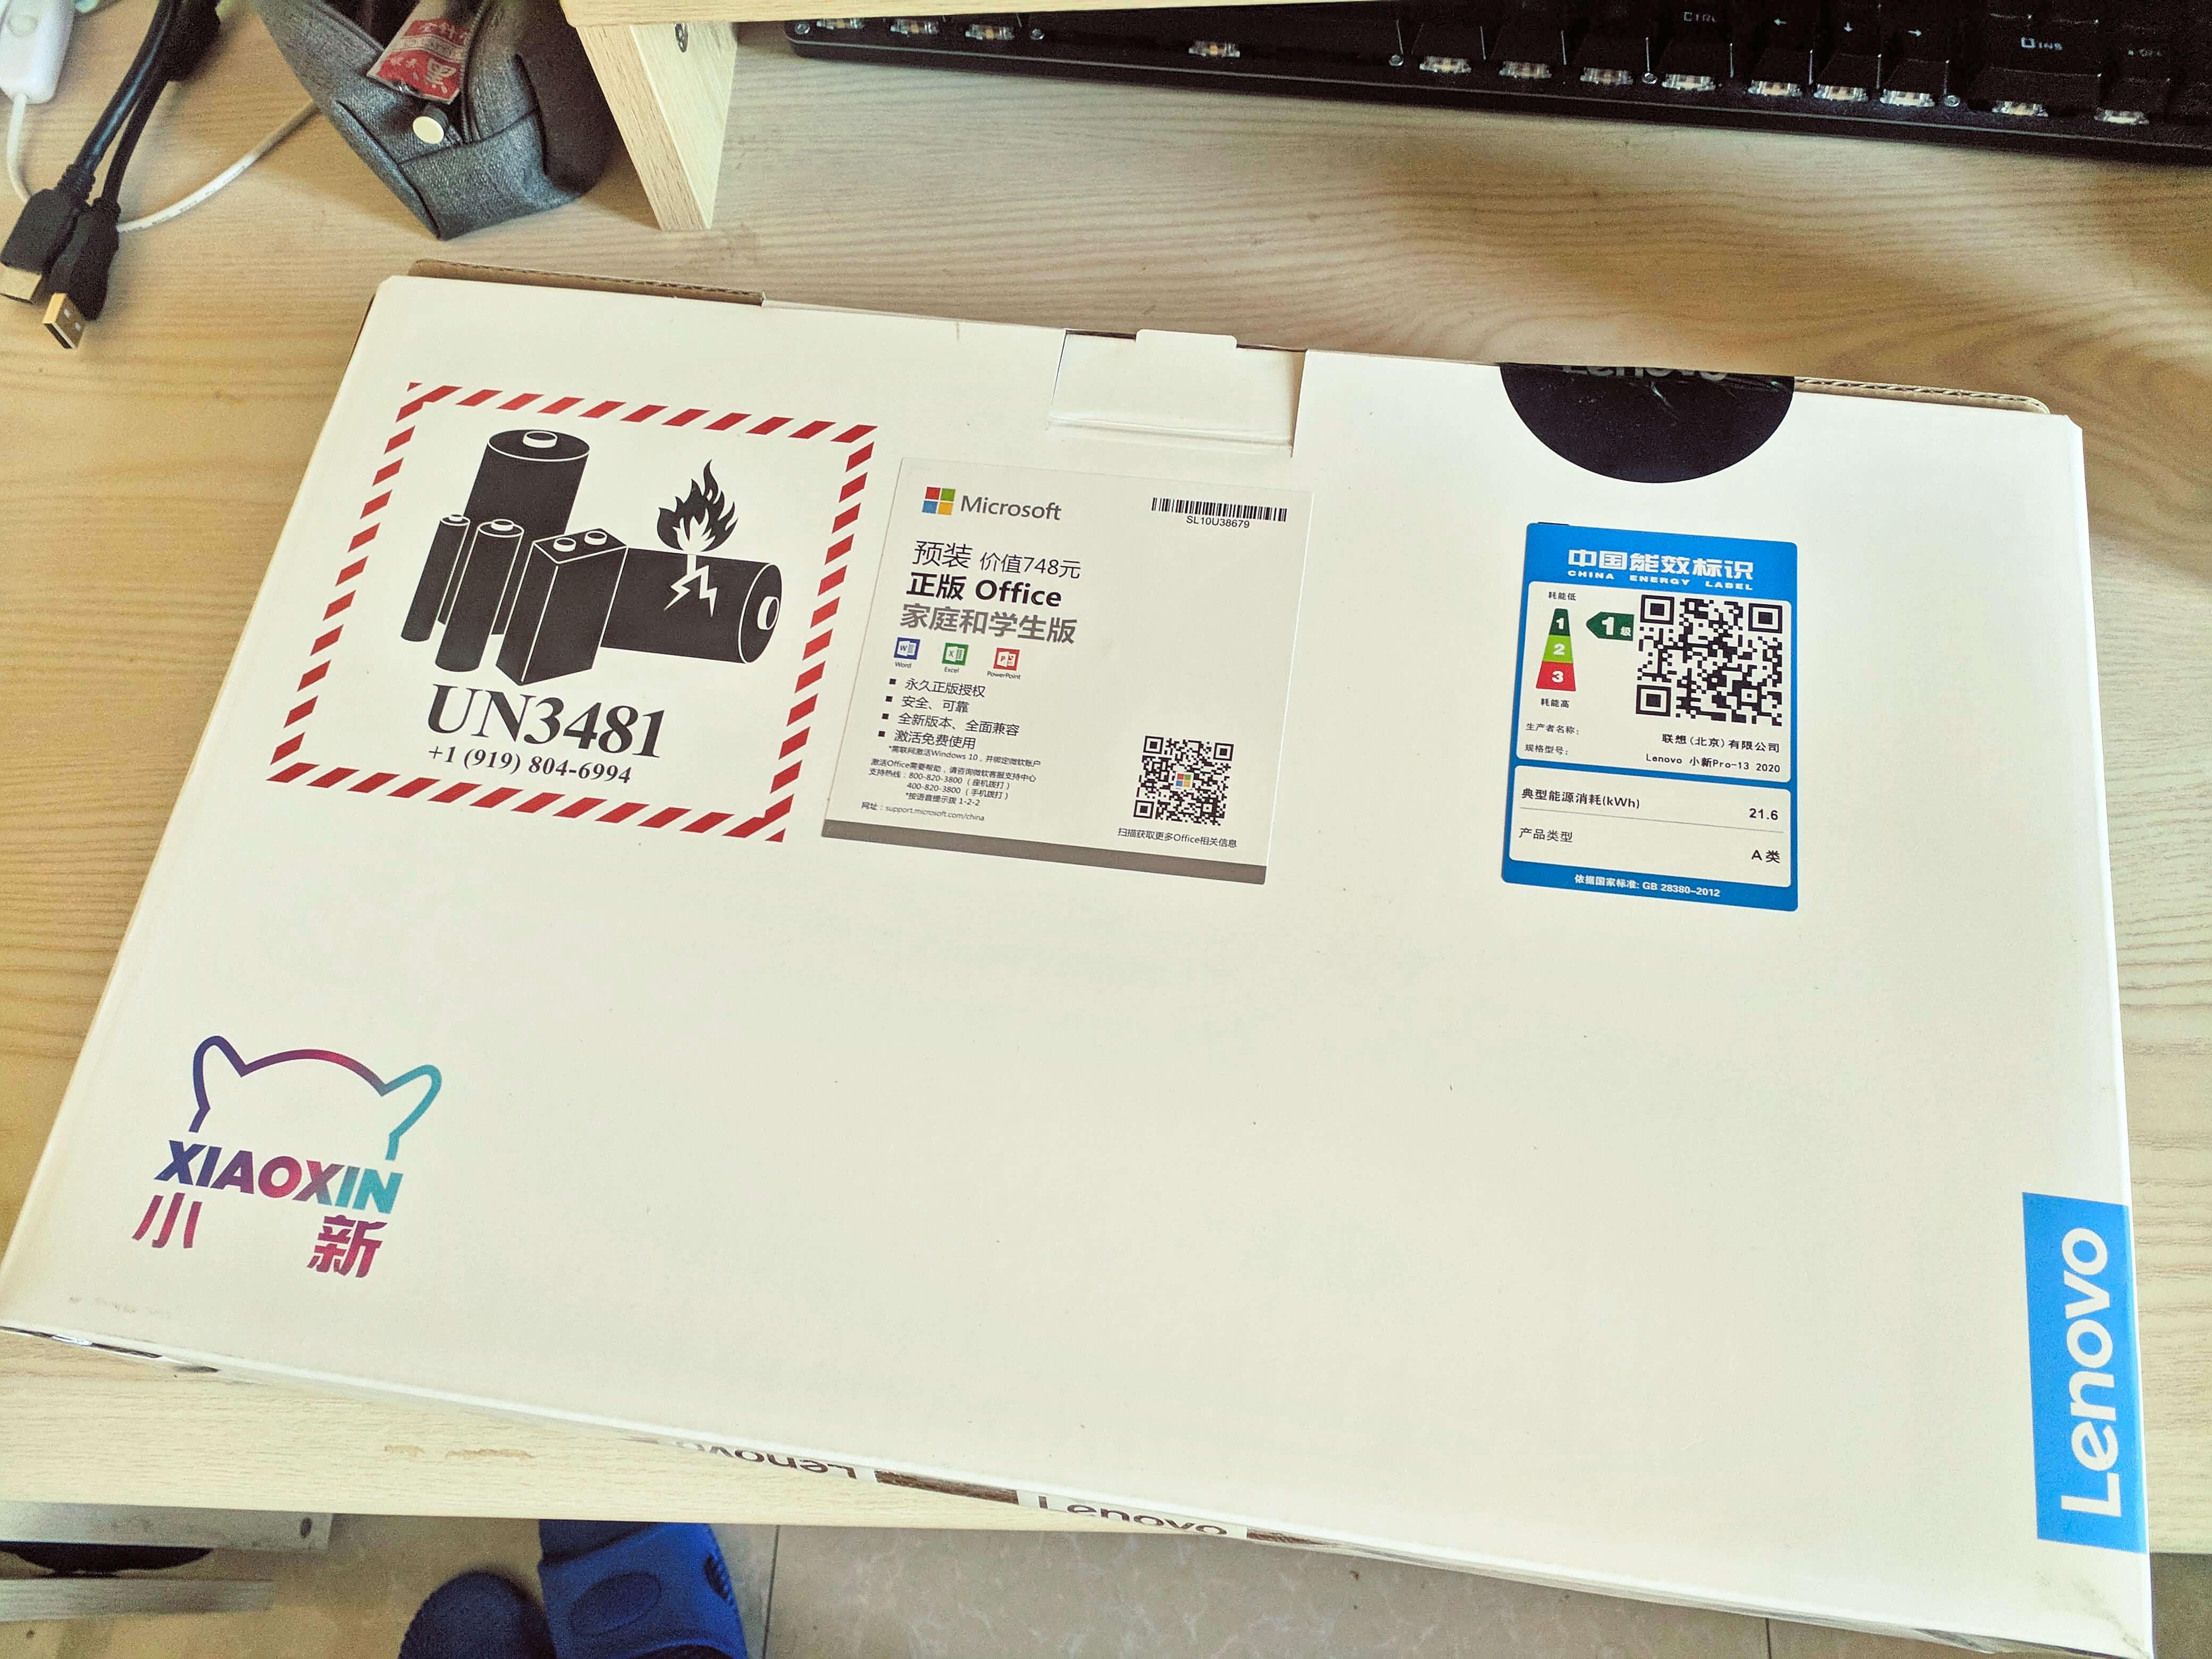 小新 Pro 13 外盒包裝